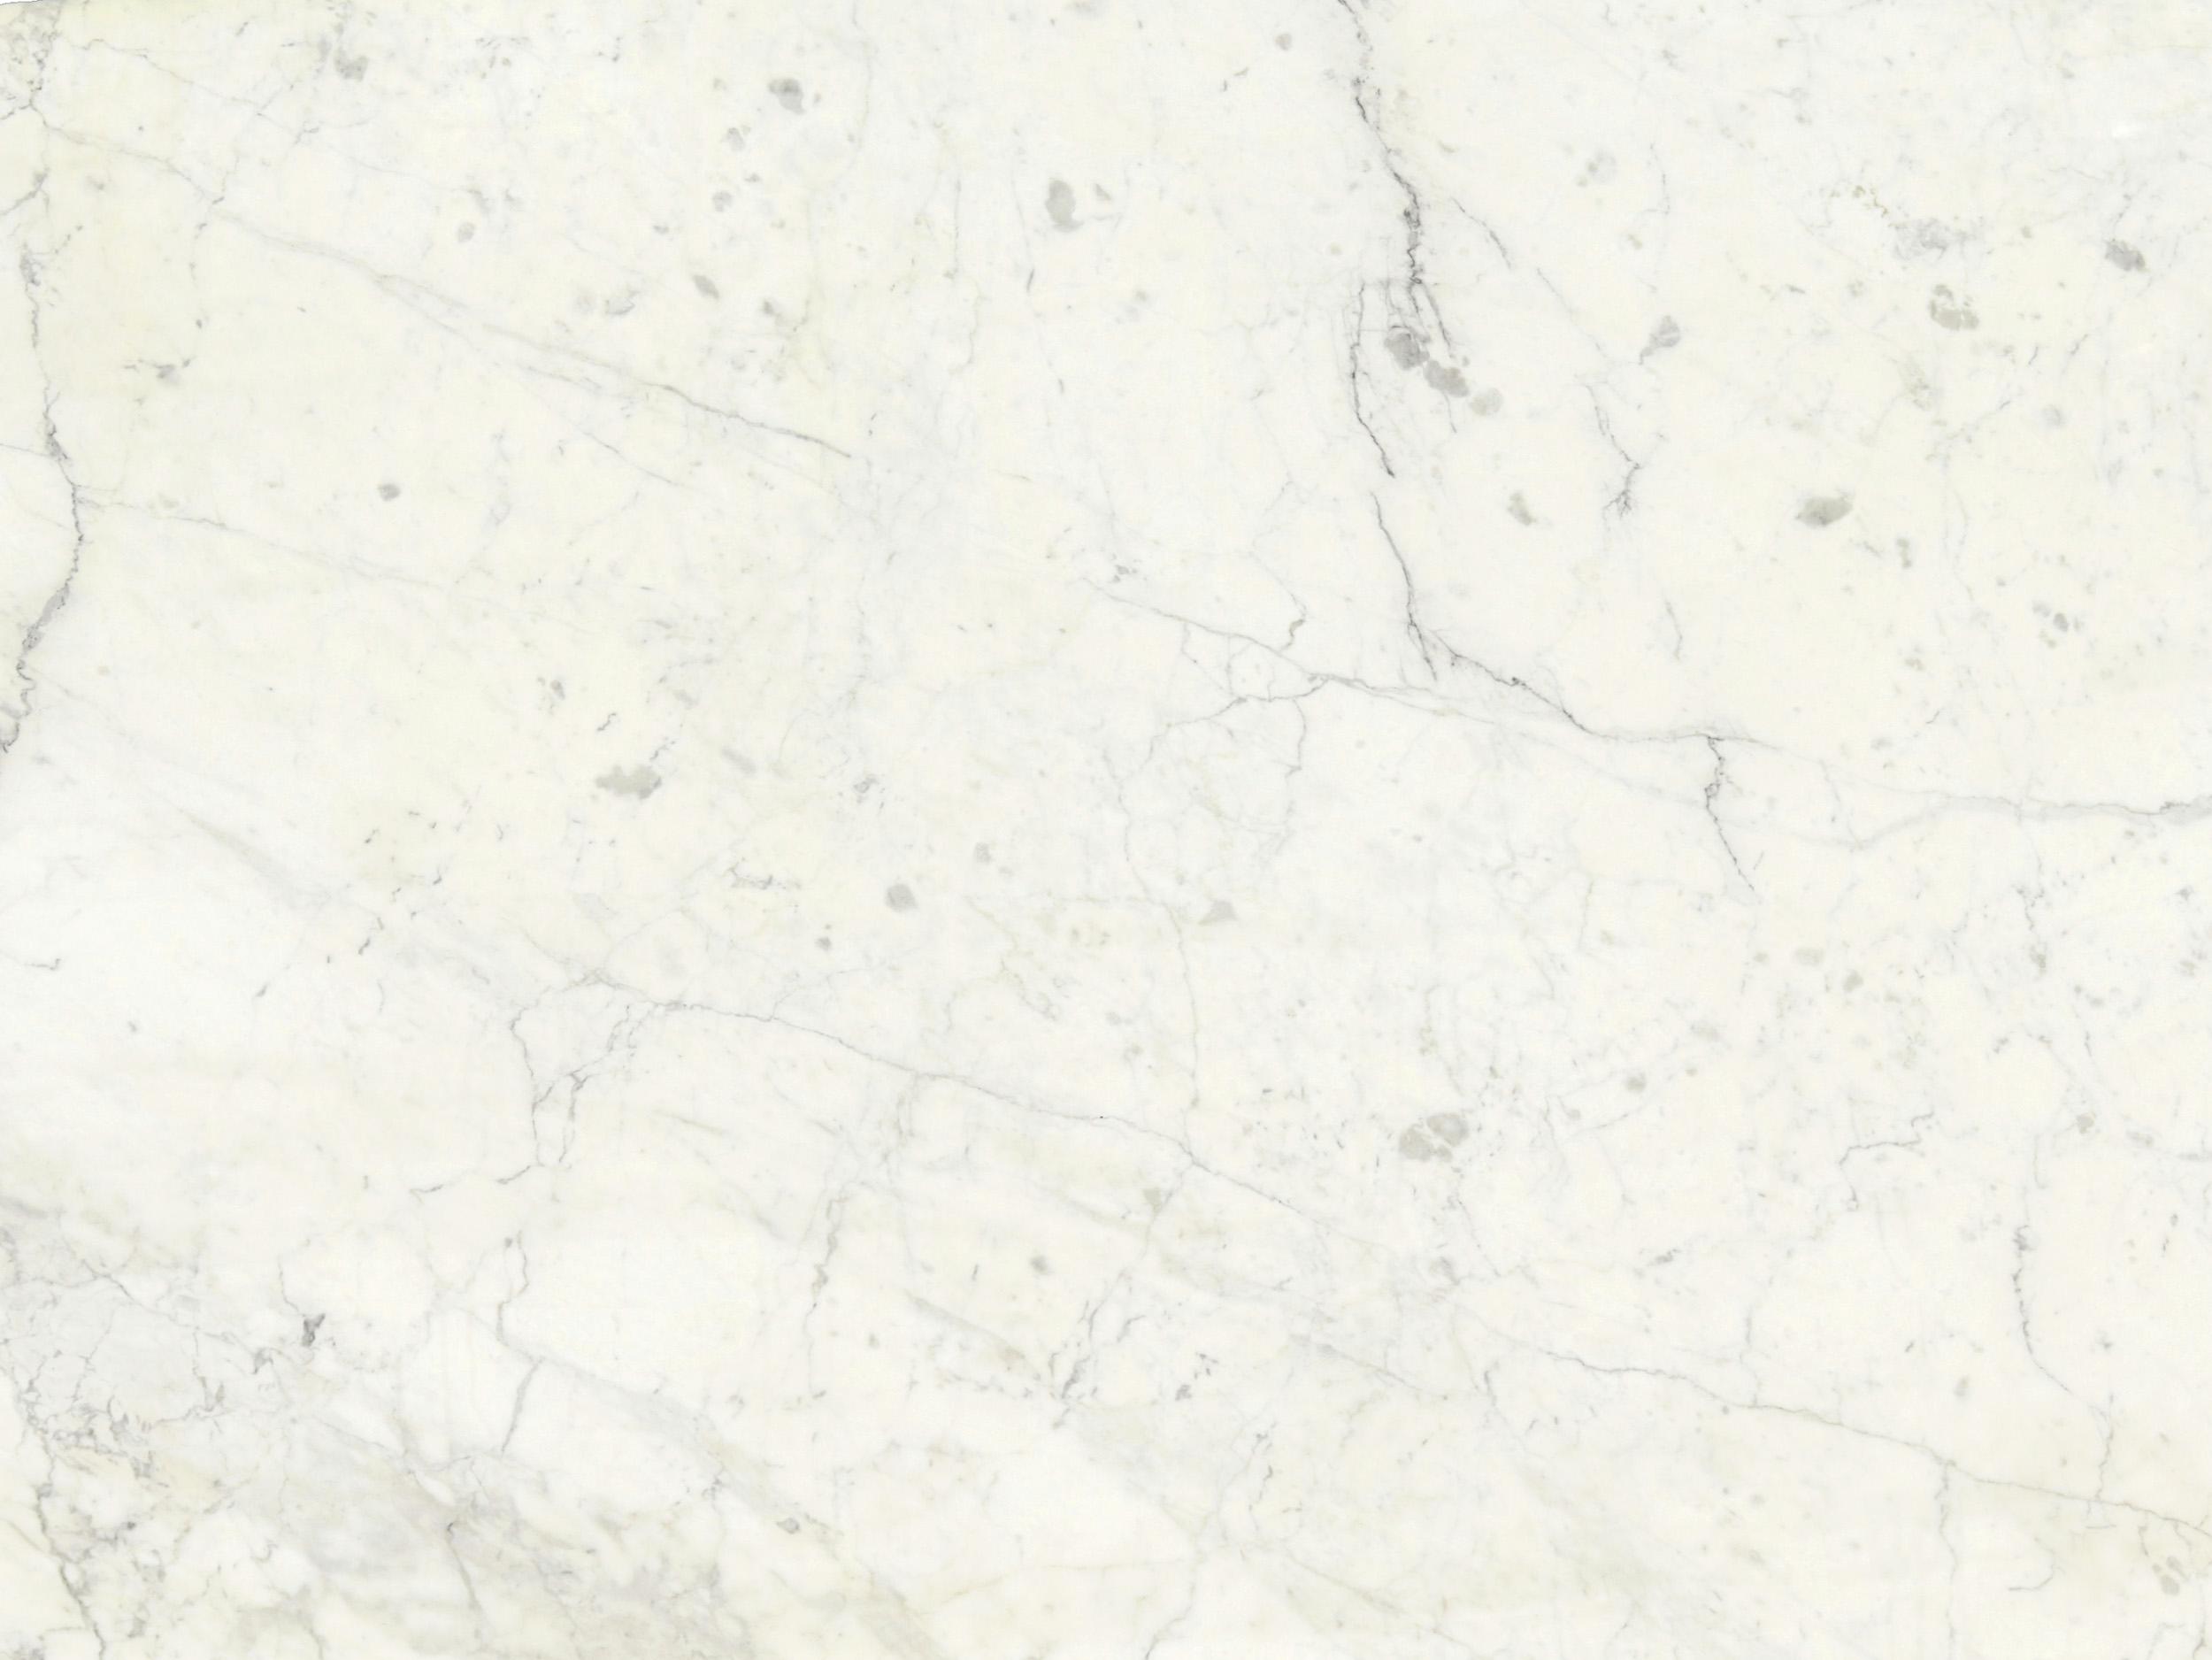 View of Marble - Statuario Premium 2cm